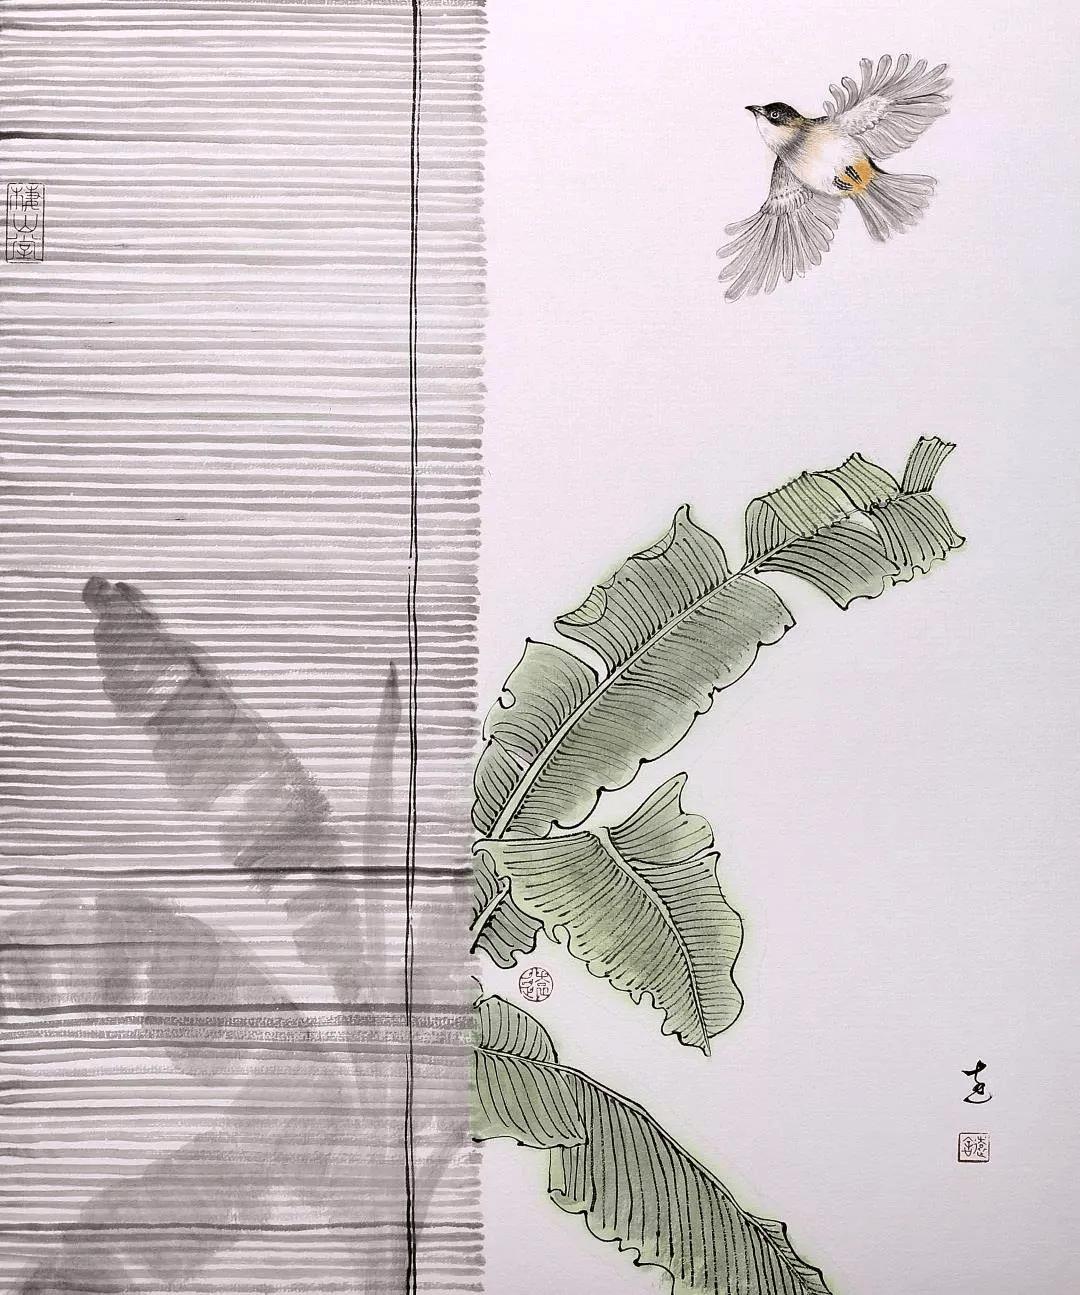 微画江南——走入宋代的诗情画意